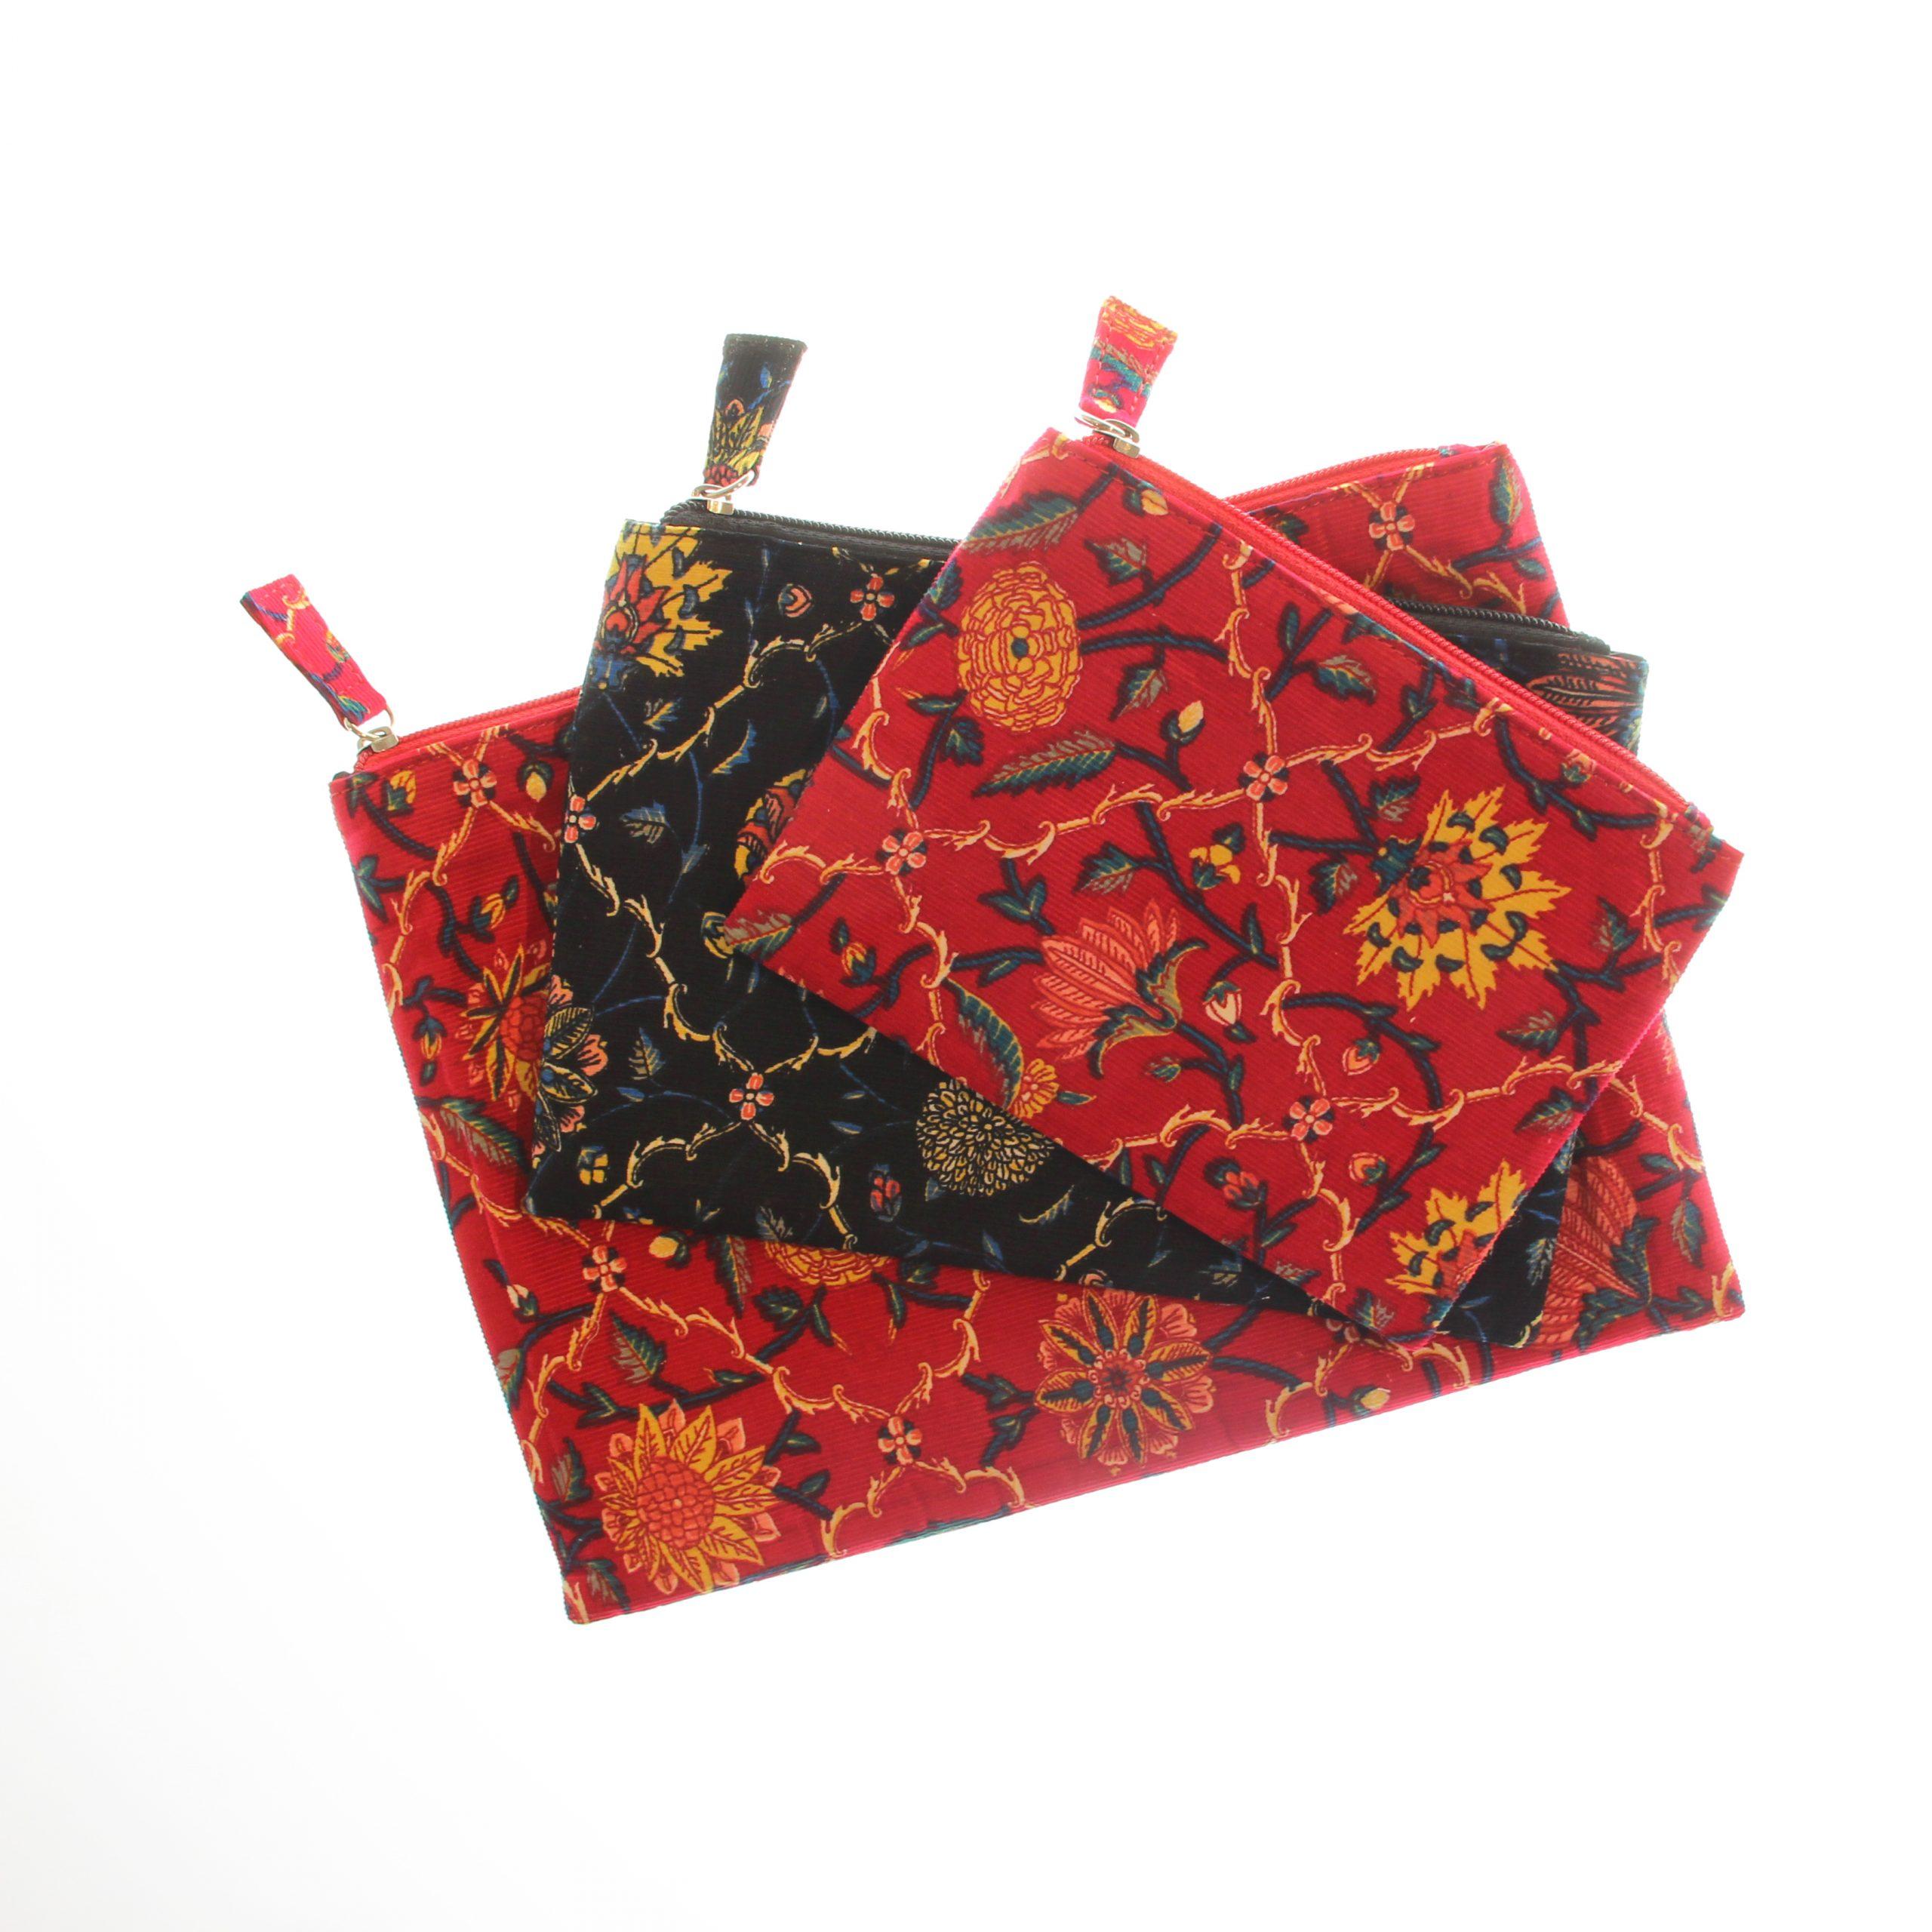 Custom material bags